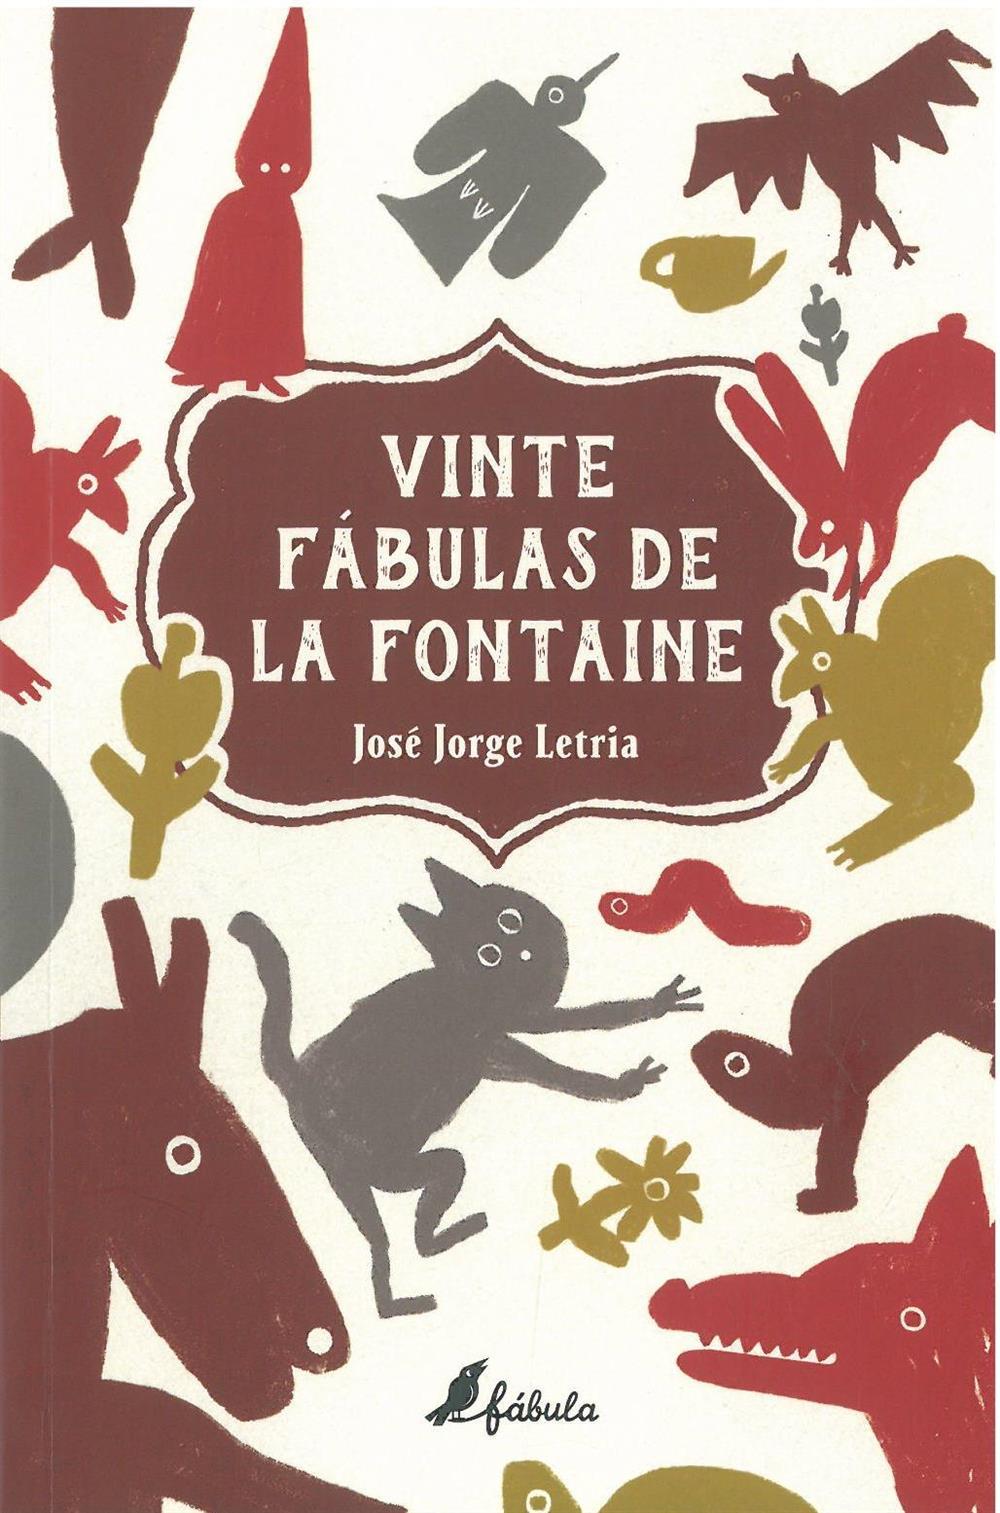 Vinte fábulas de La Fontaine_.jpg